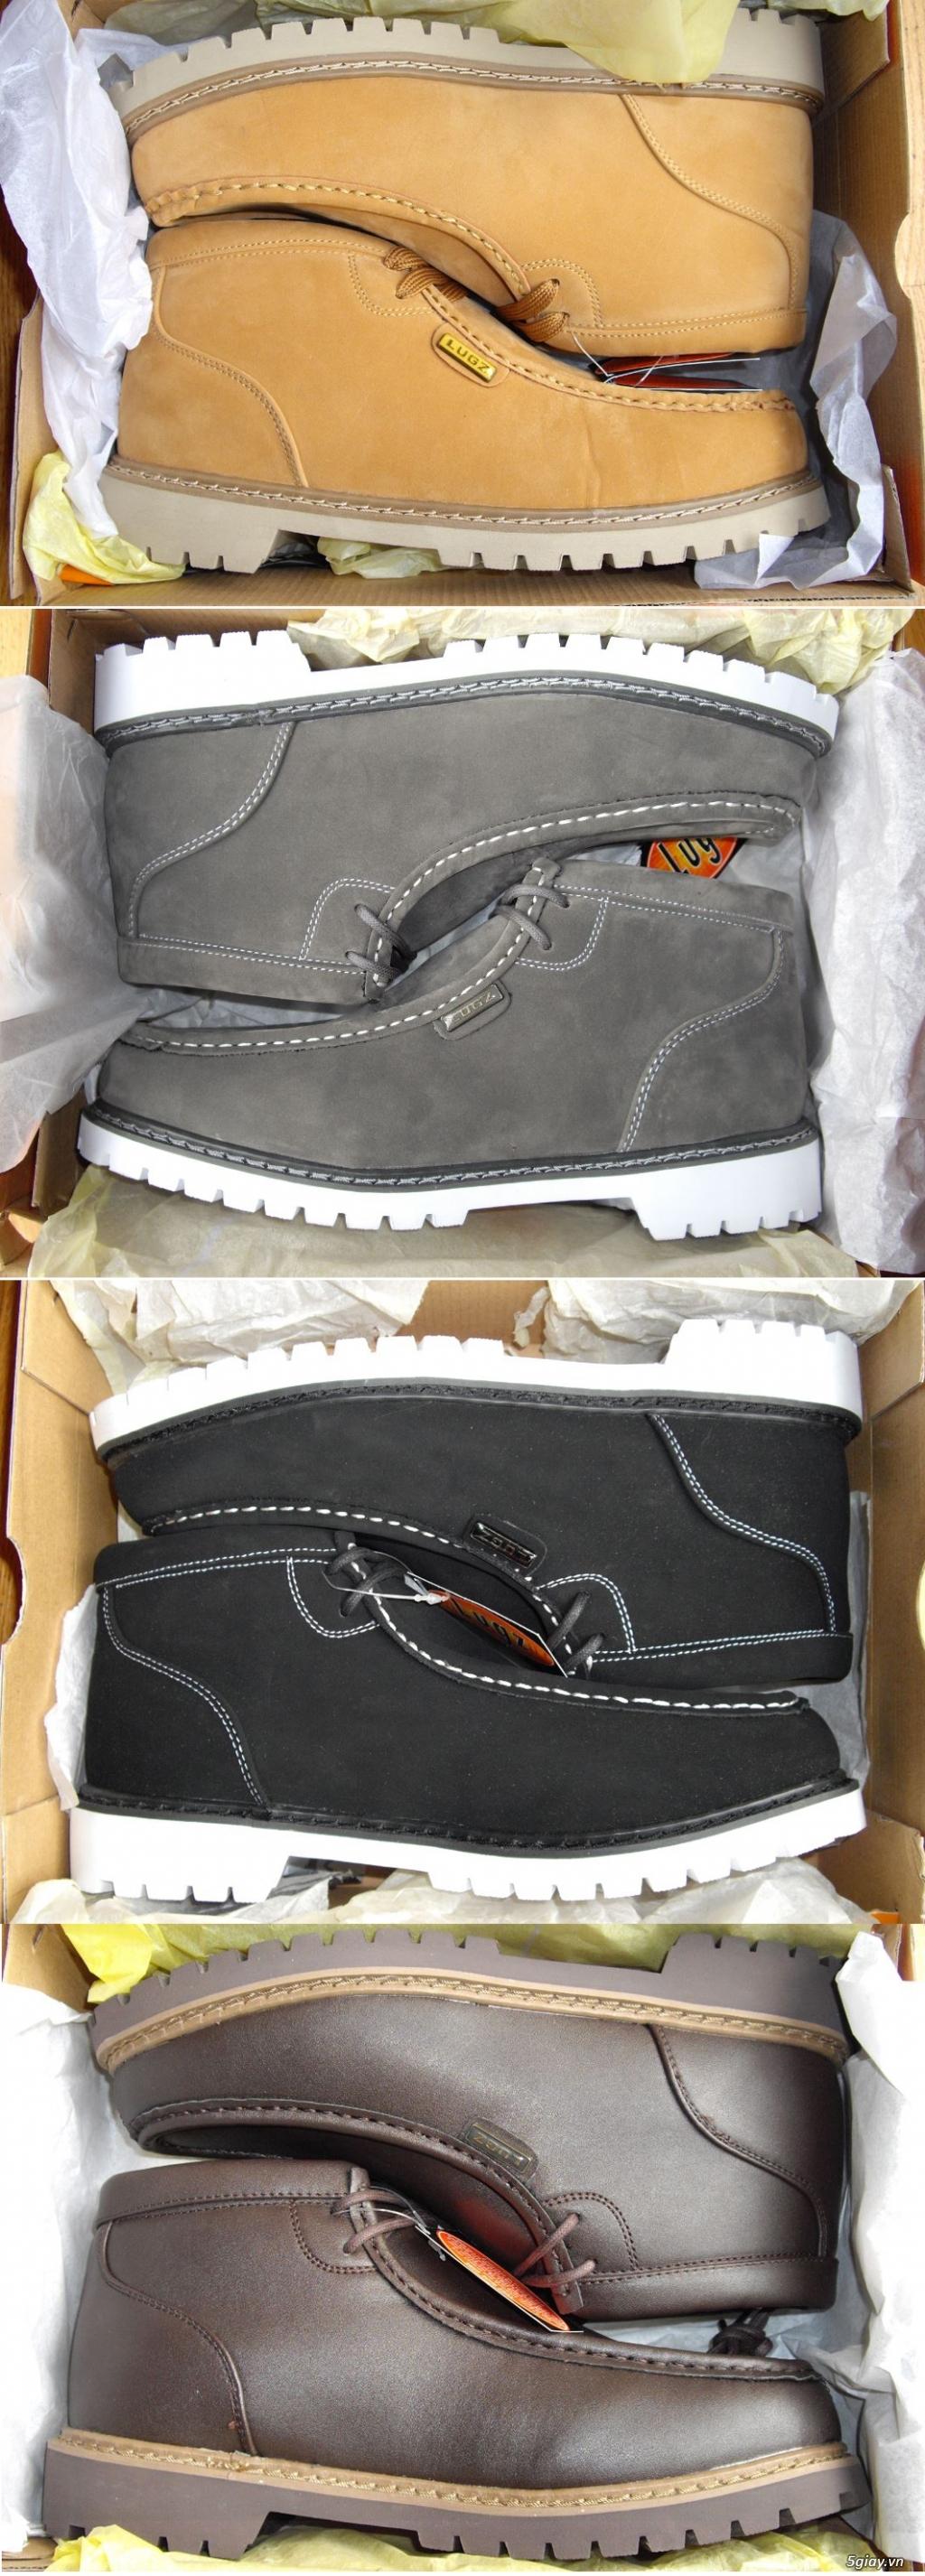 Mình xách/gửi giày Nike, Skechers, Reebok, Polo, Converse, v.v. từ Mỹ. - 20